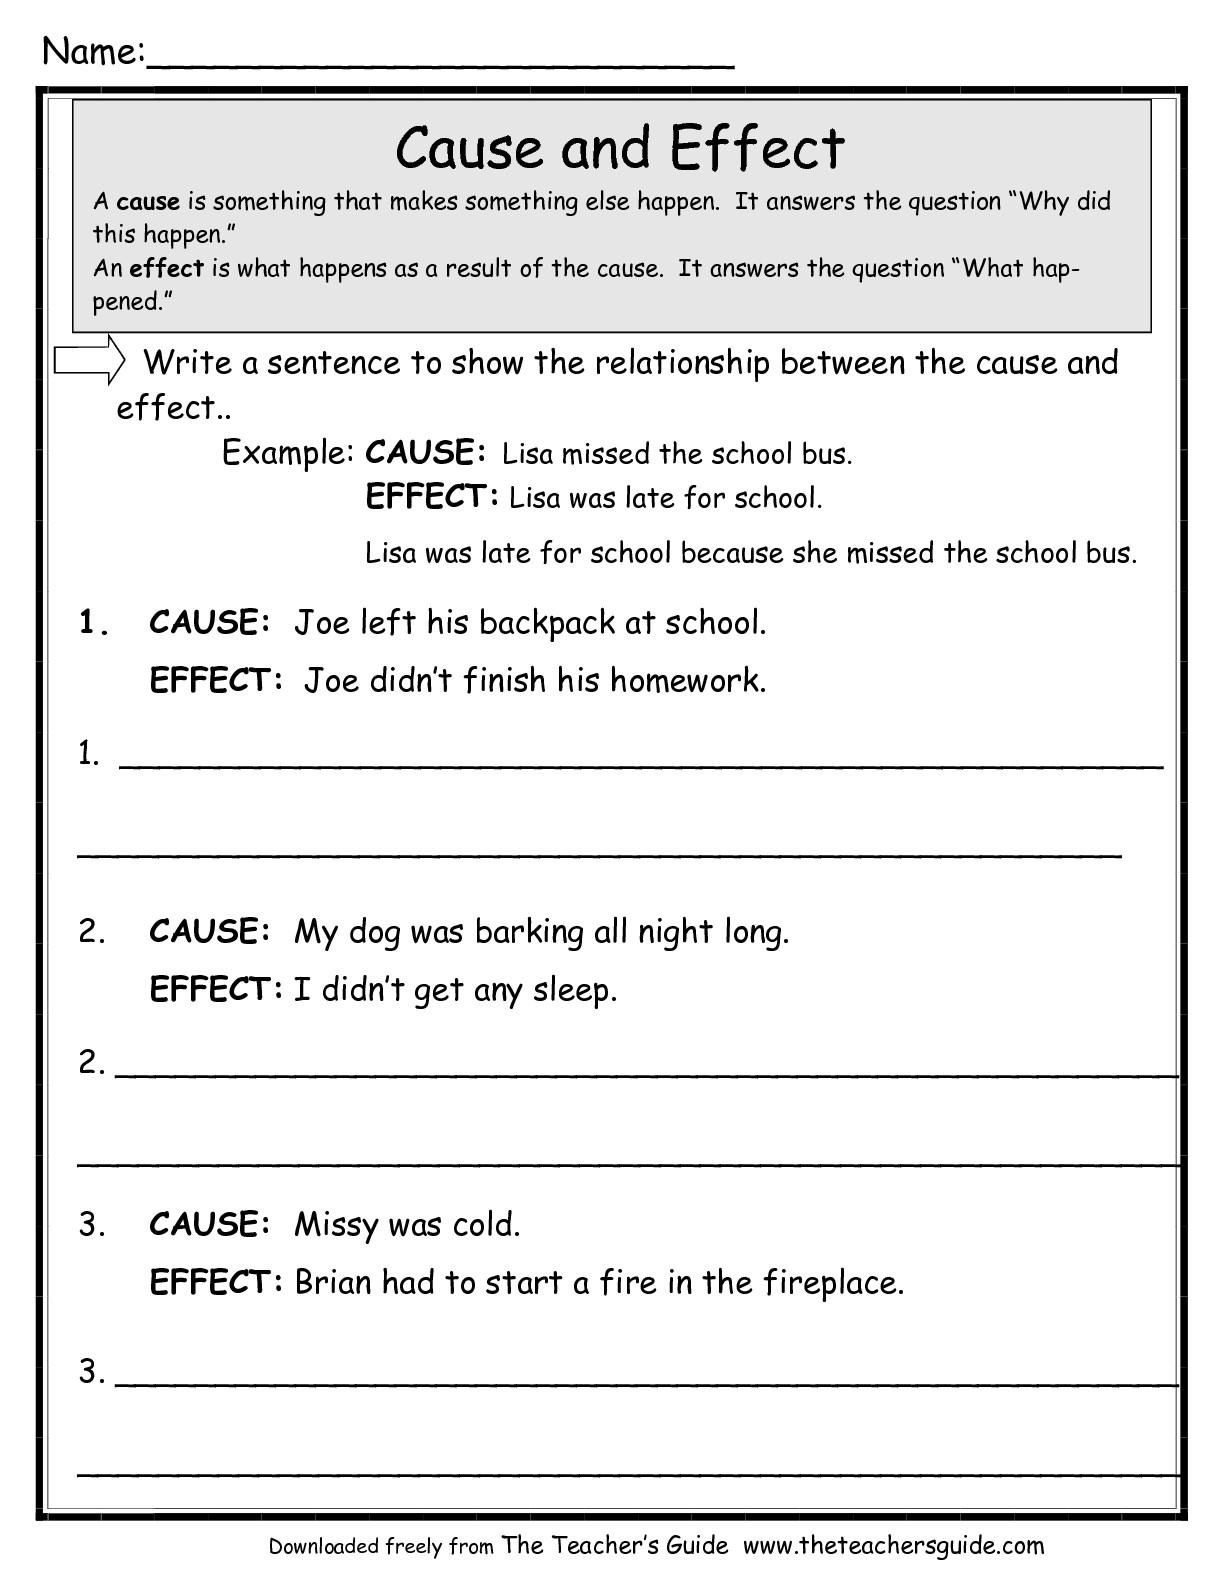 16 Best Images Of Poem Response Worksheet